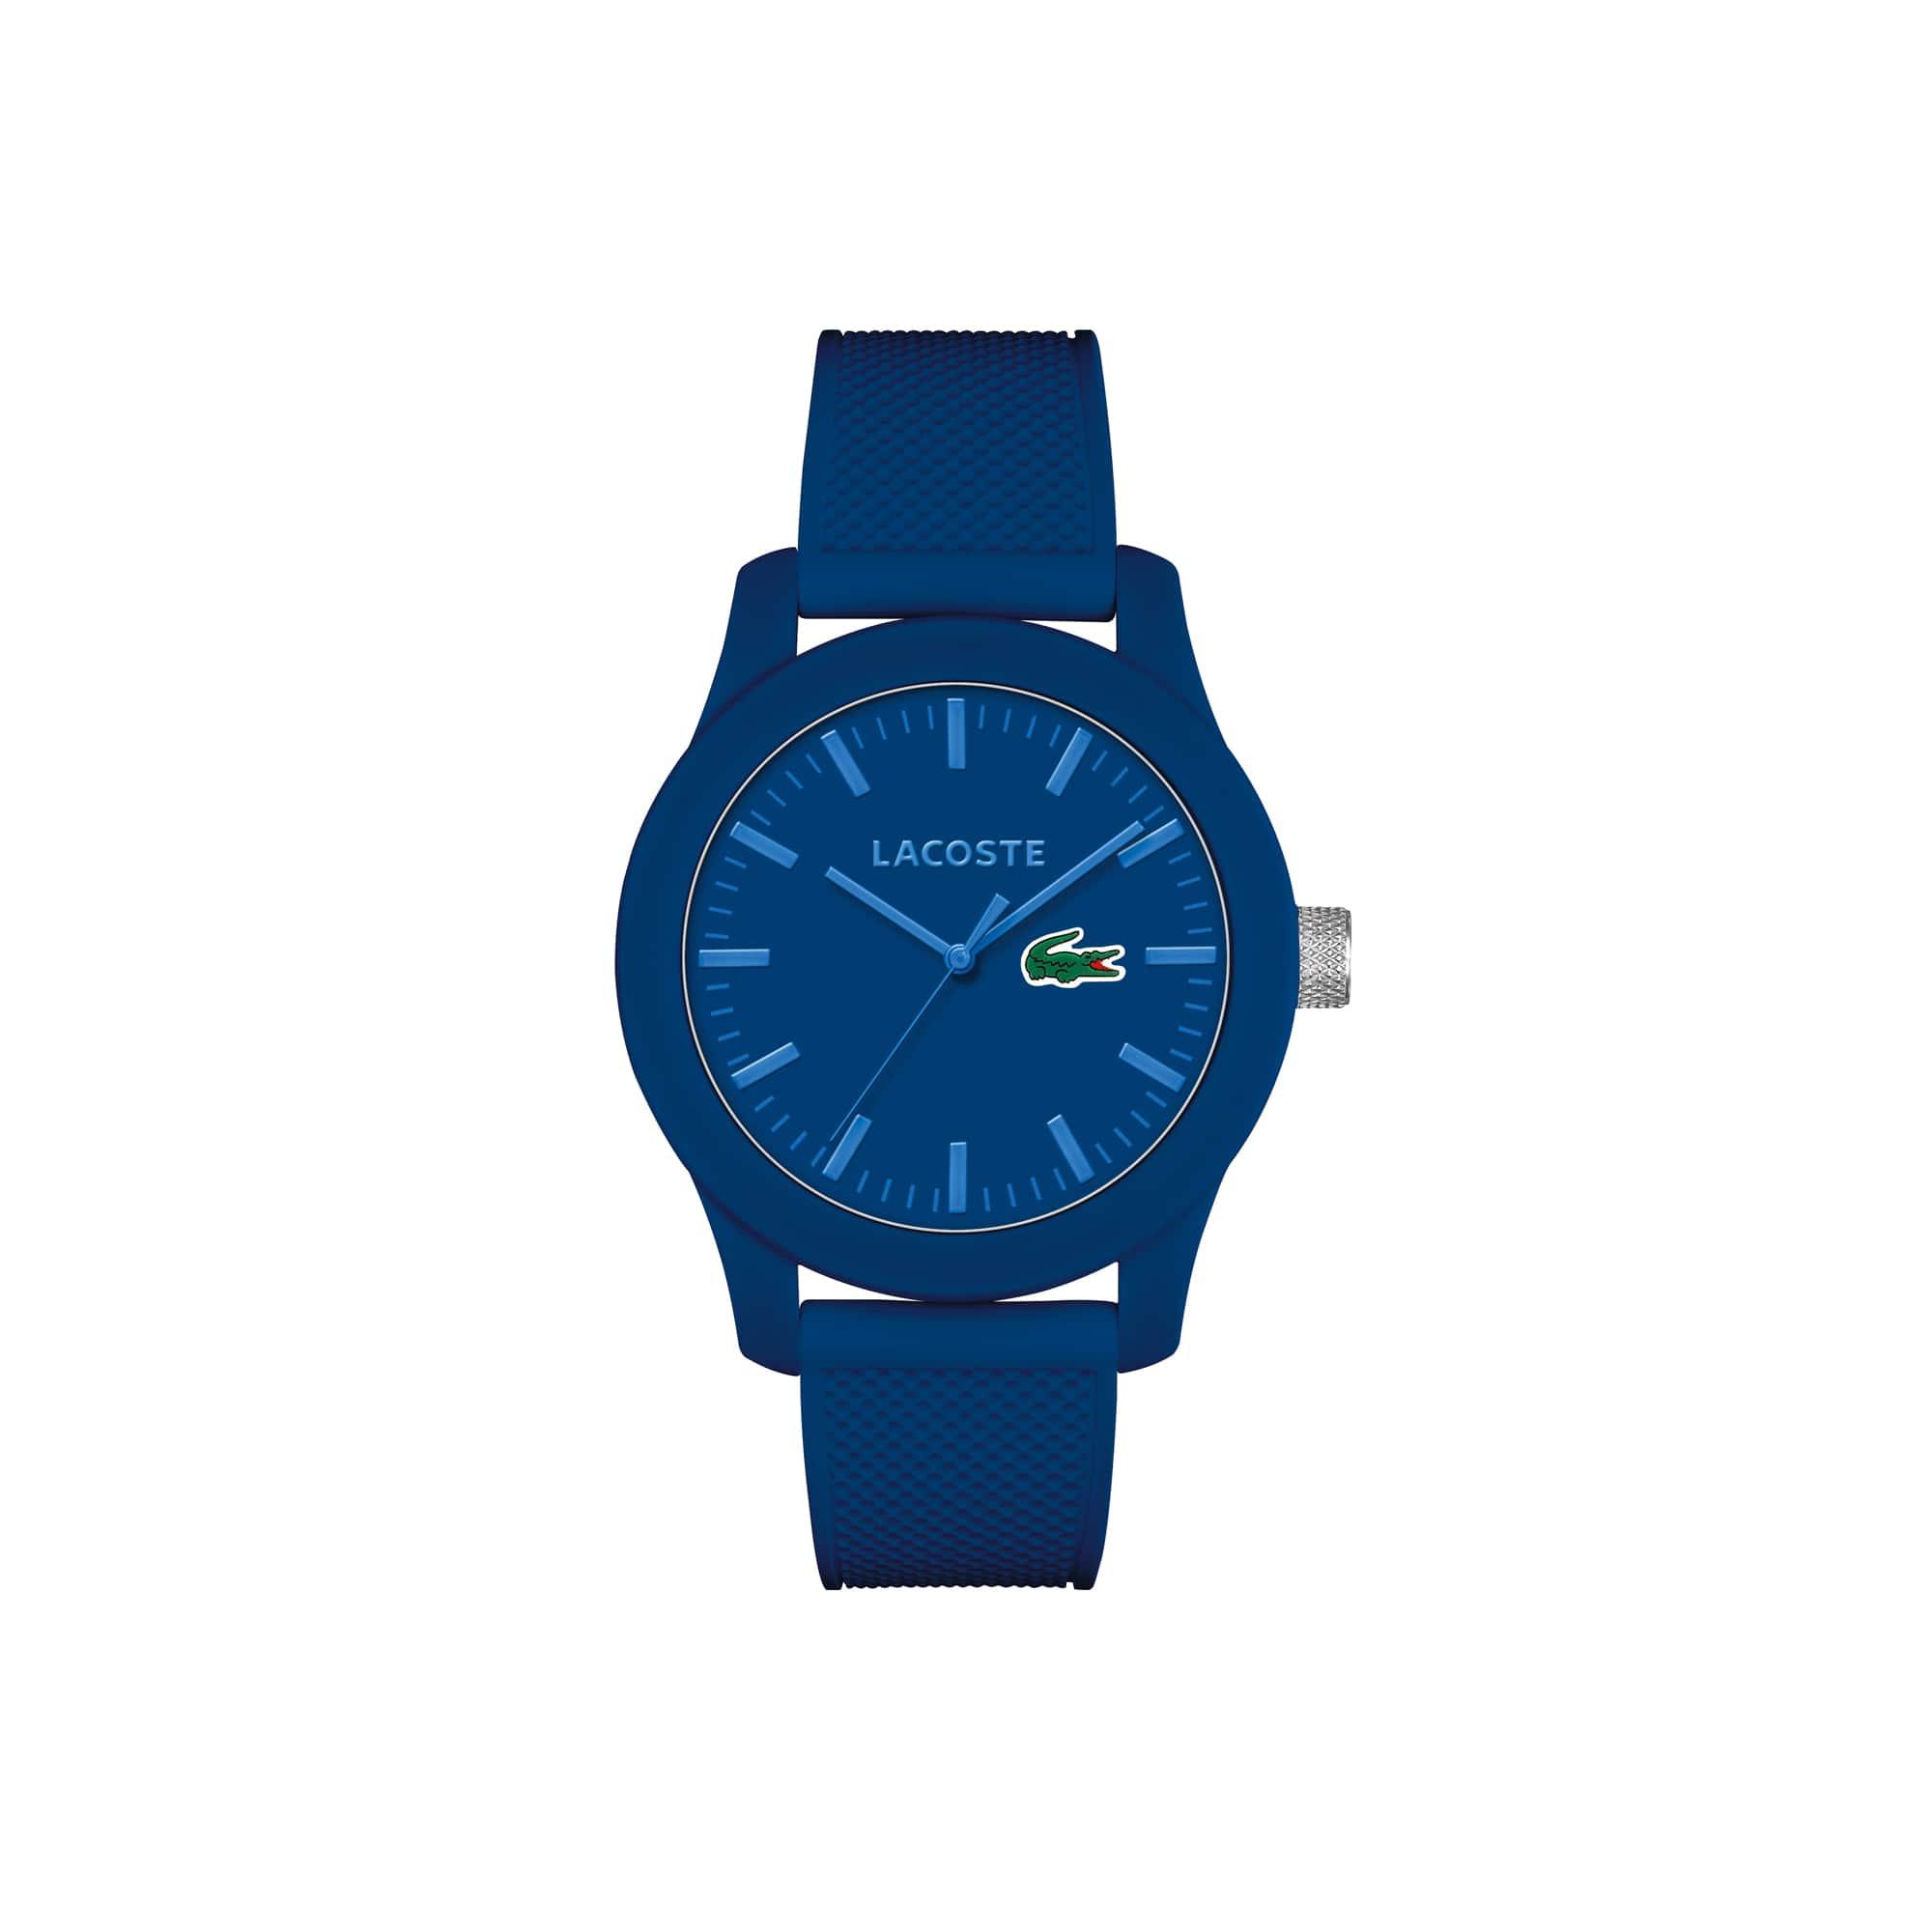 Montre Lacoste.12.12 Homme avec Bracelet en Silicone Bleu